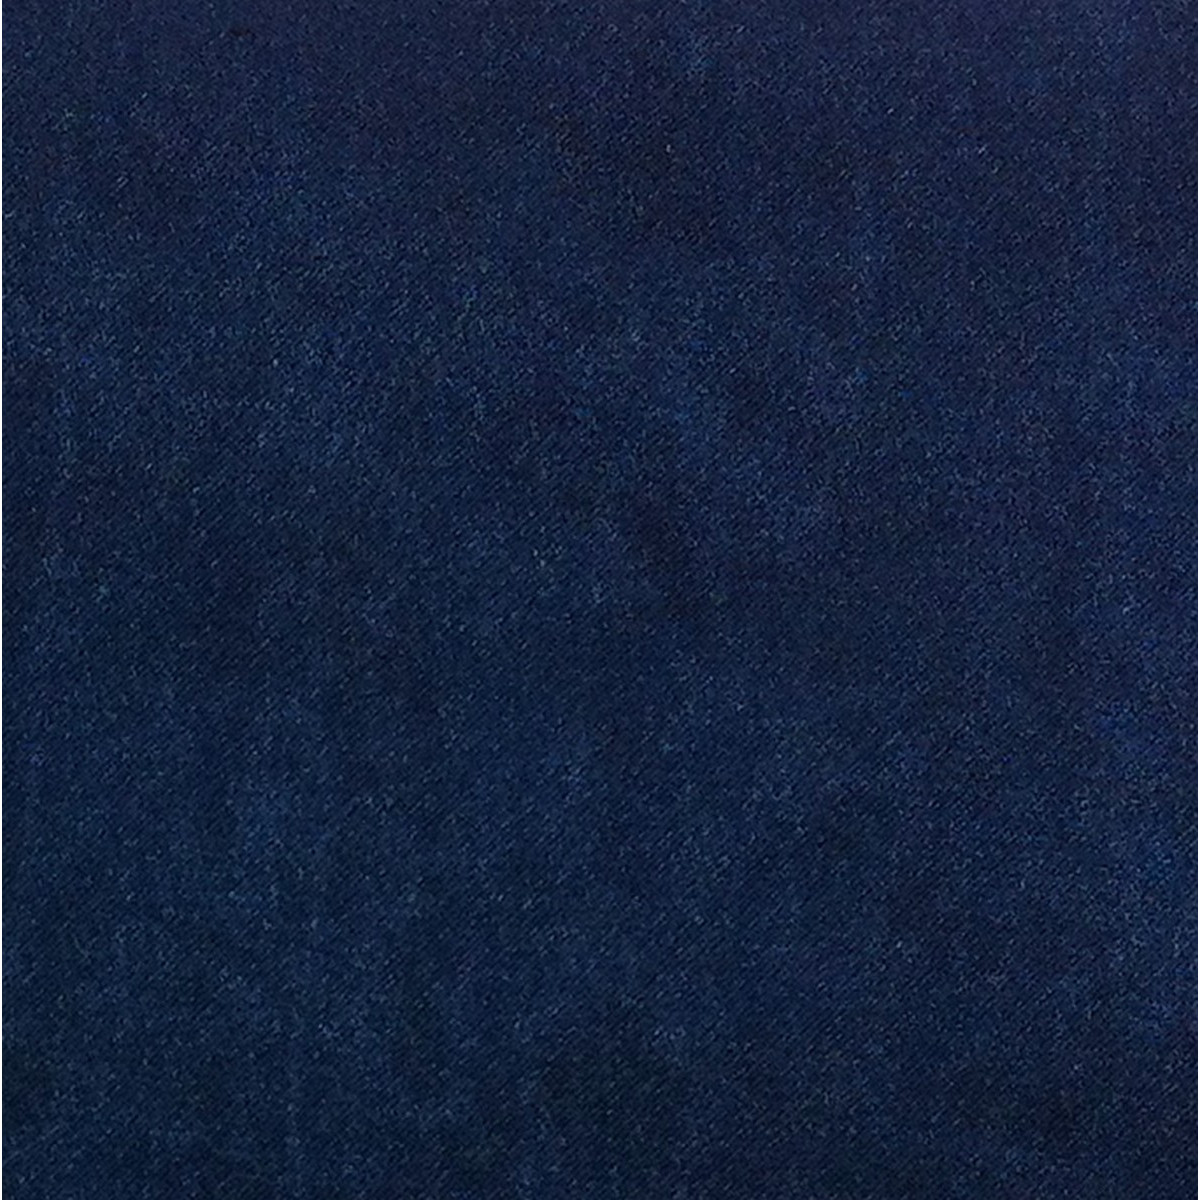 couleur bleu marine - mademoiselle rose chaussures de mariée sur